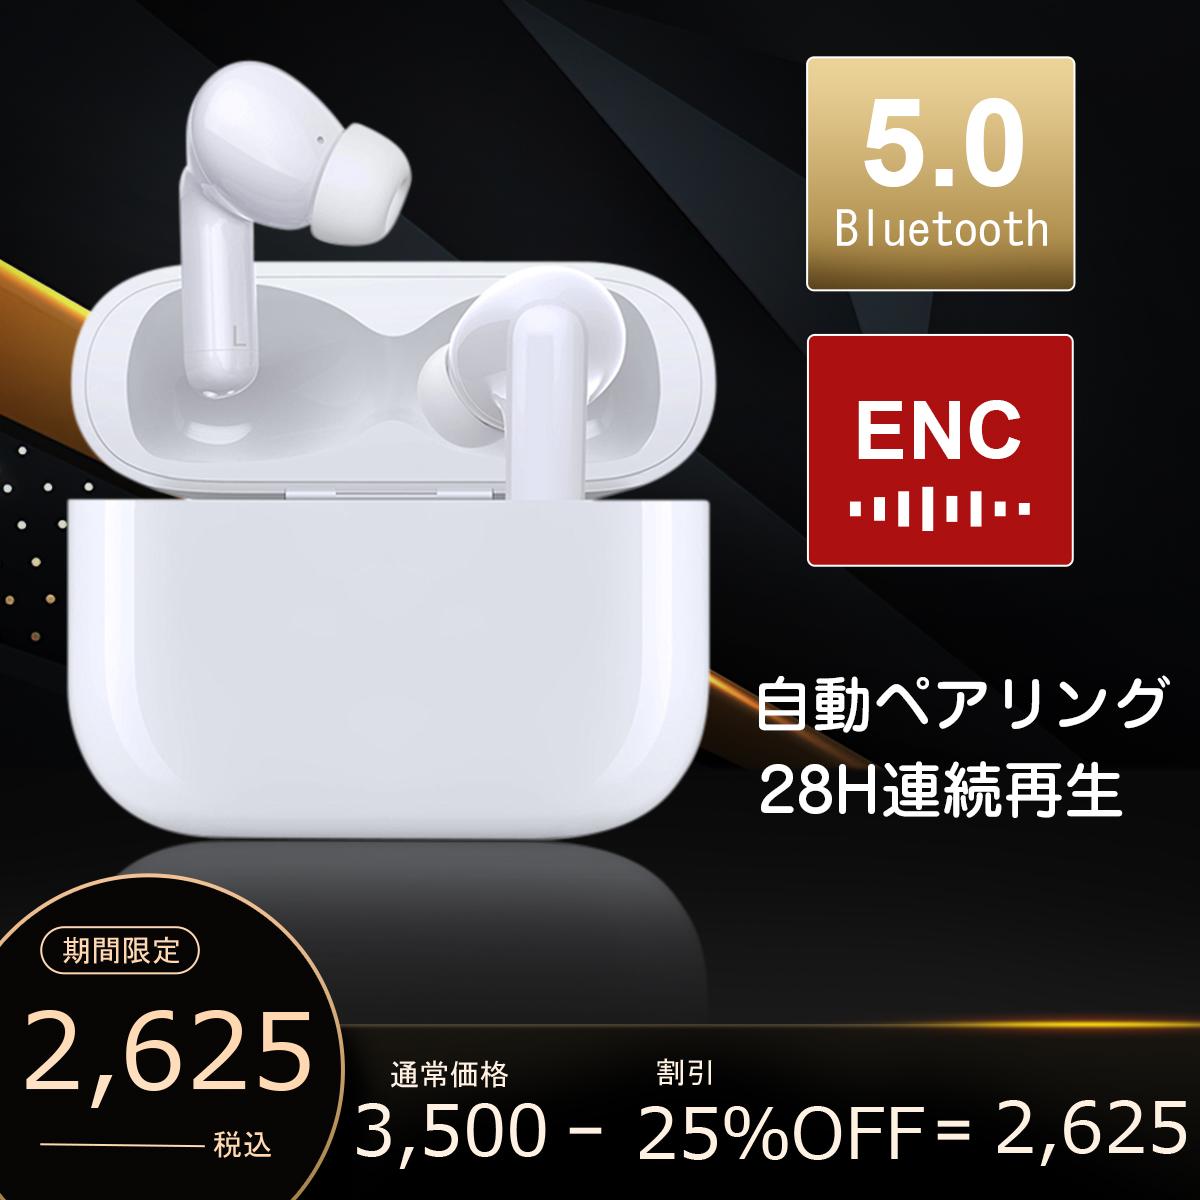 一年保証 送料無料 自動接続 長時間使用 疲れにくい 箱収納自動充電 25%OFFクーポン配布中 ワイヤレスイヤホン Bluetoothイヤホン 実物 ブルートゥースイヤホン Bluetooth 5.0 自動ペアリング 左右分離型 28時間連続再生 内蔵マイク付き Letsfit 両耳対応 iPhone 業界No.1 Hi-Fi高音質 Android適用 タッチ式 iOS ヘッドホン 充電ケース 片耳